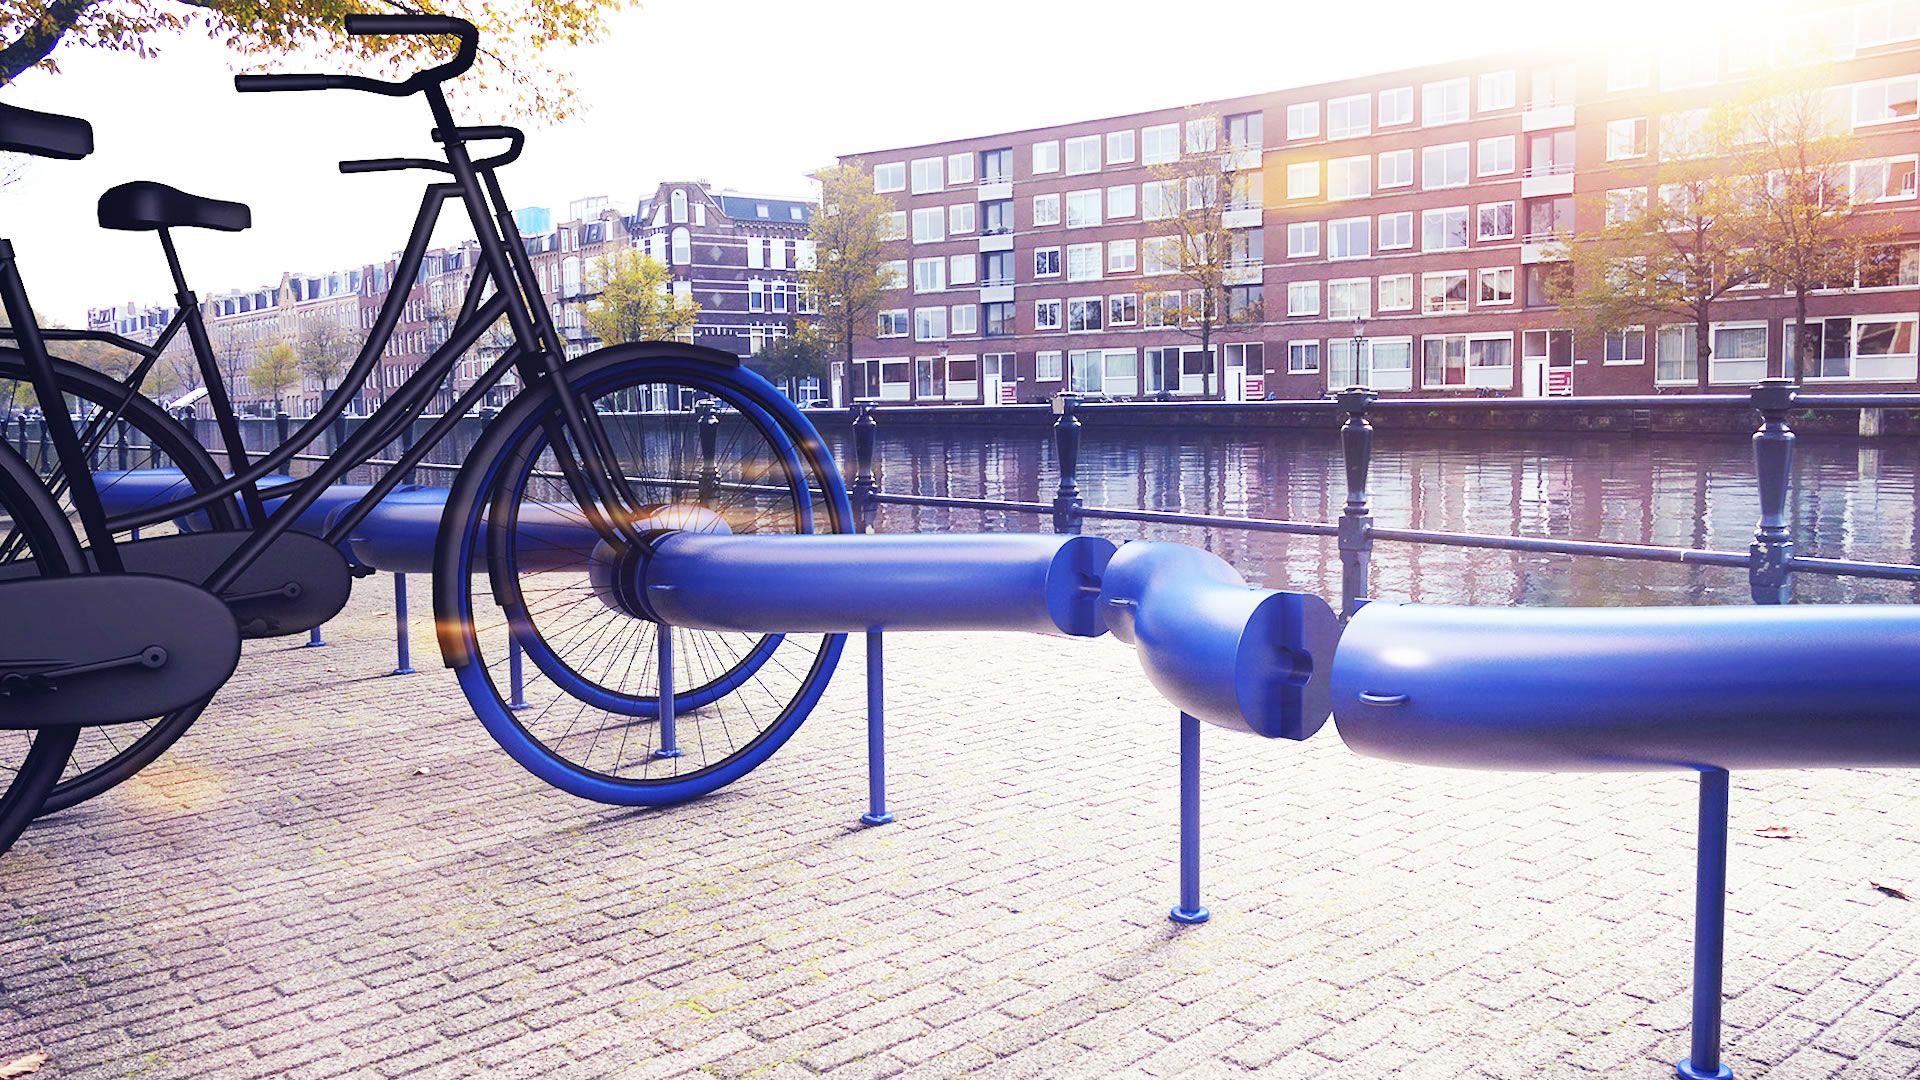 Cómo Ámsterdam le vuelve a dar valor a la bicicleta con nuevas reglas